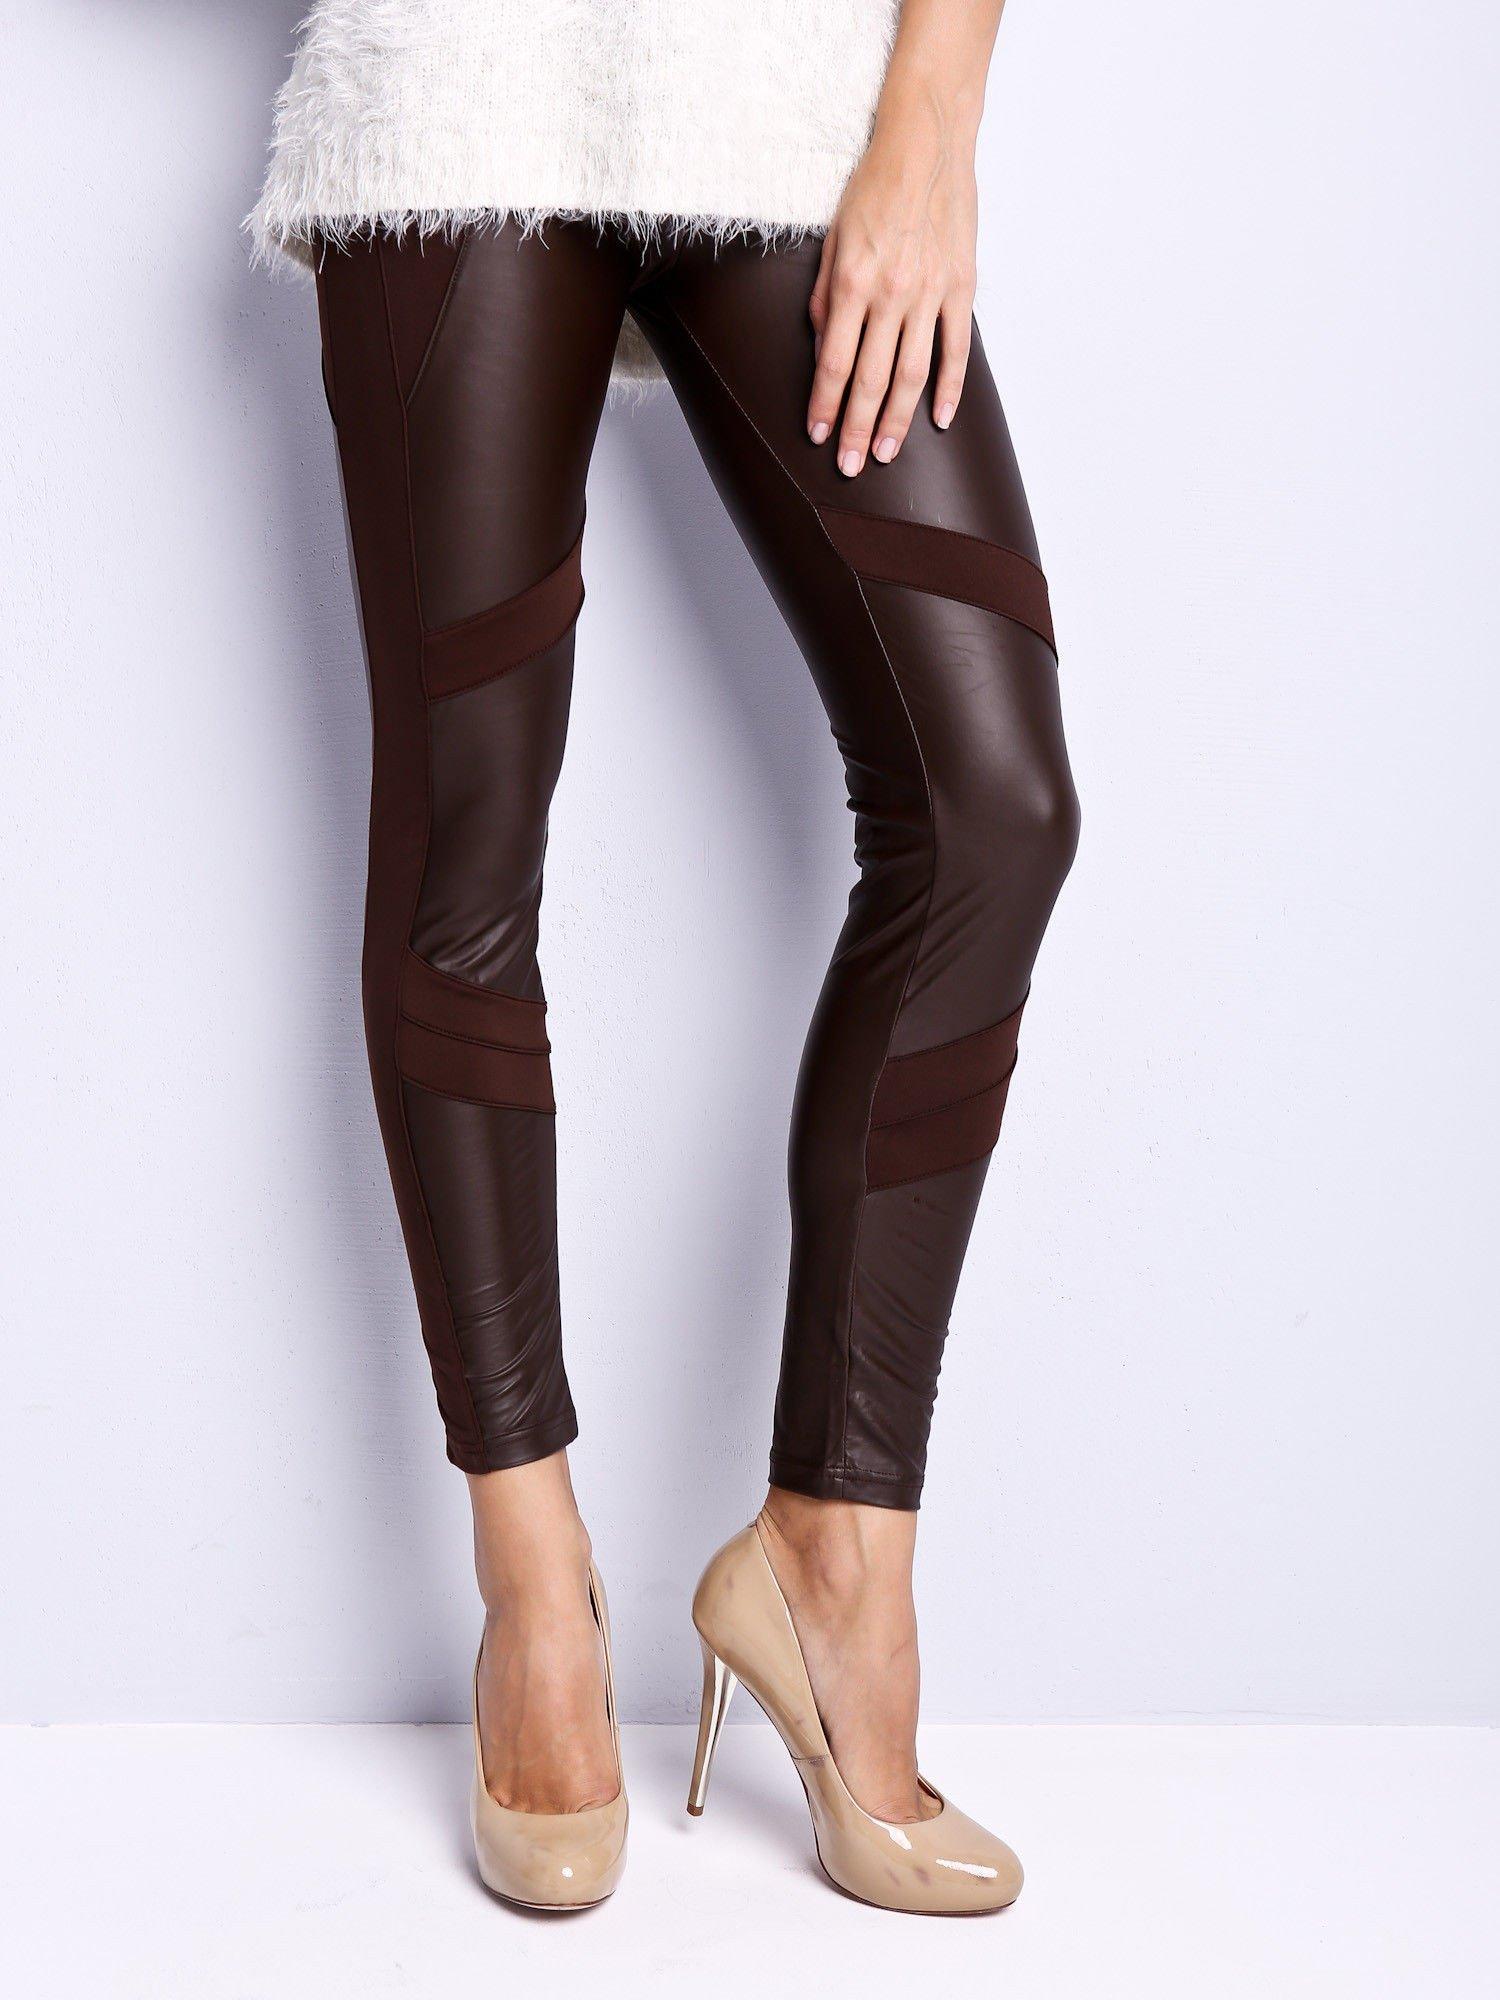 Ciemnobrązowe legginsy modelujące ze skórzanymi panelami                                  zdj.                                  1